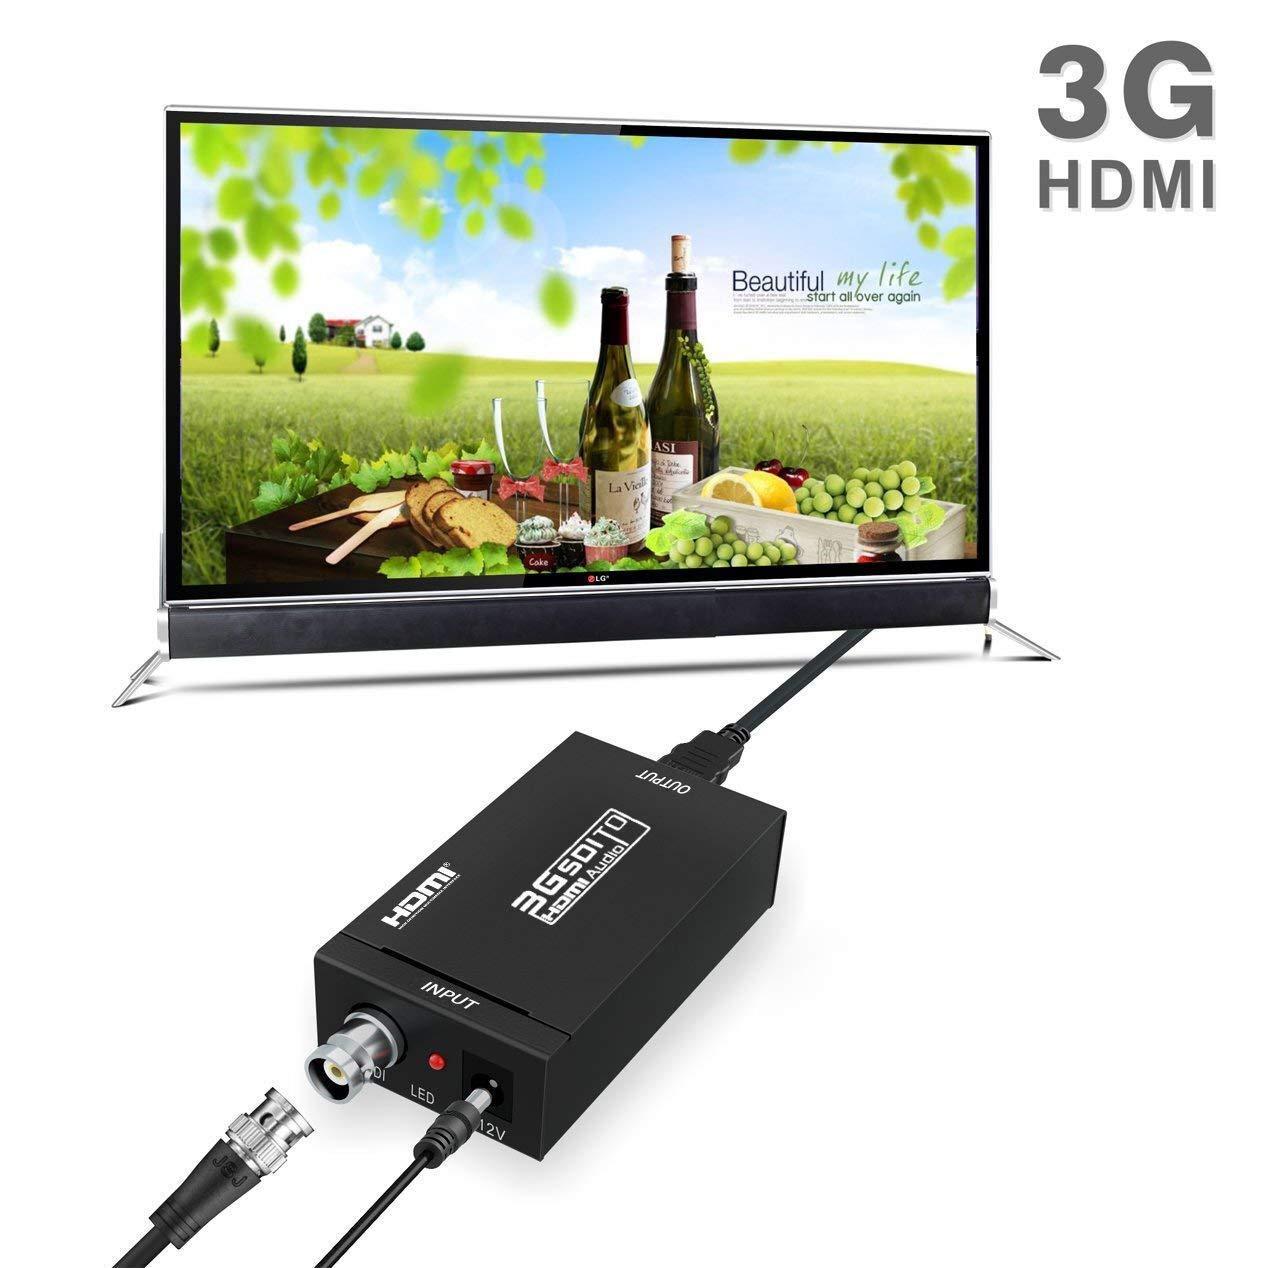 Ablewe SDI a HDMI Convertidor Adaptador SDI HDMI Adaptador HDMI//SDI-HDMI Soporte 1080P para C/ámara Home Theater